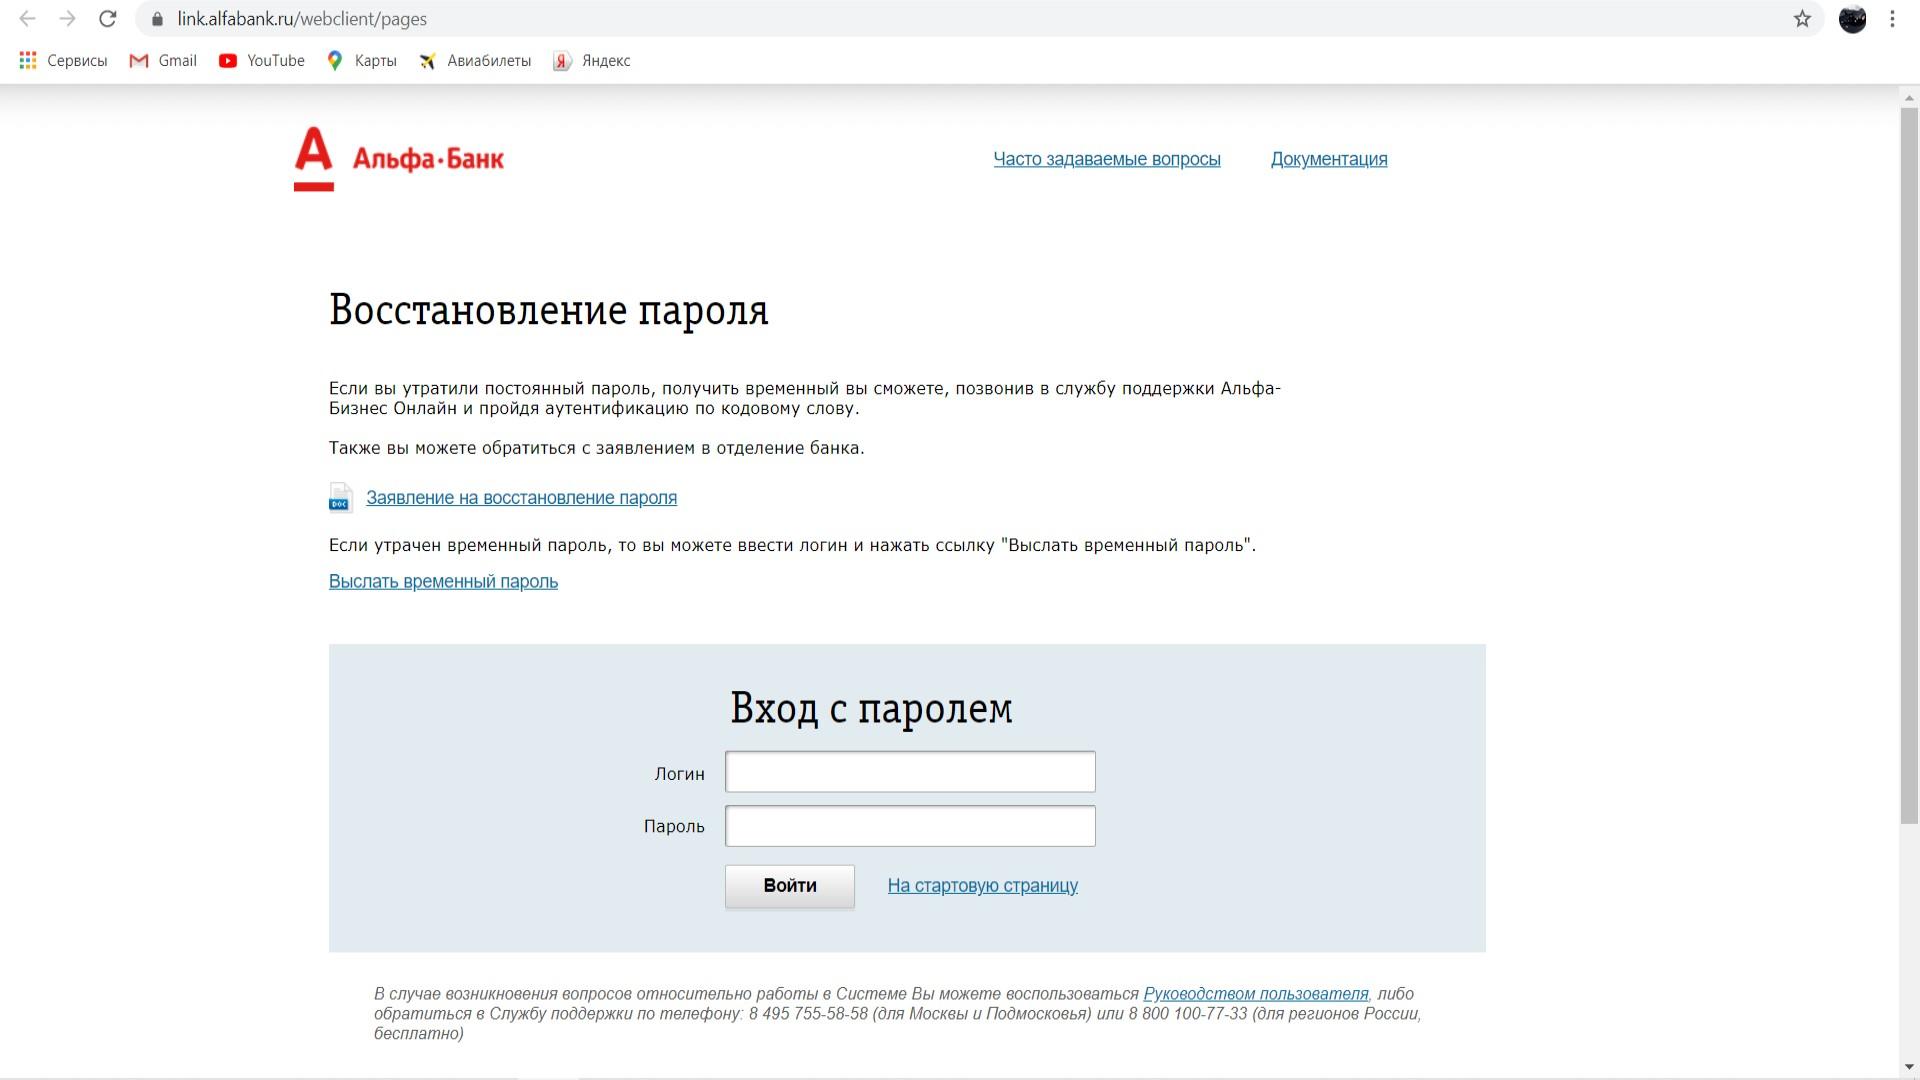 восстановление пароля альфа банк